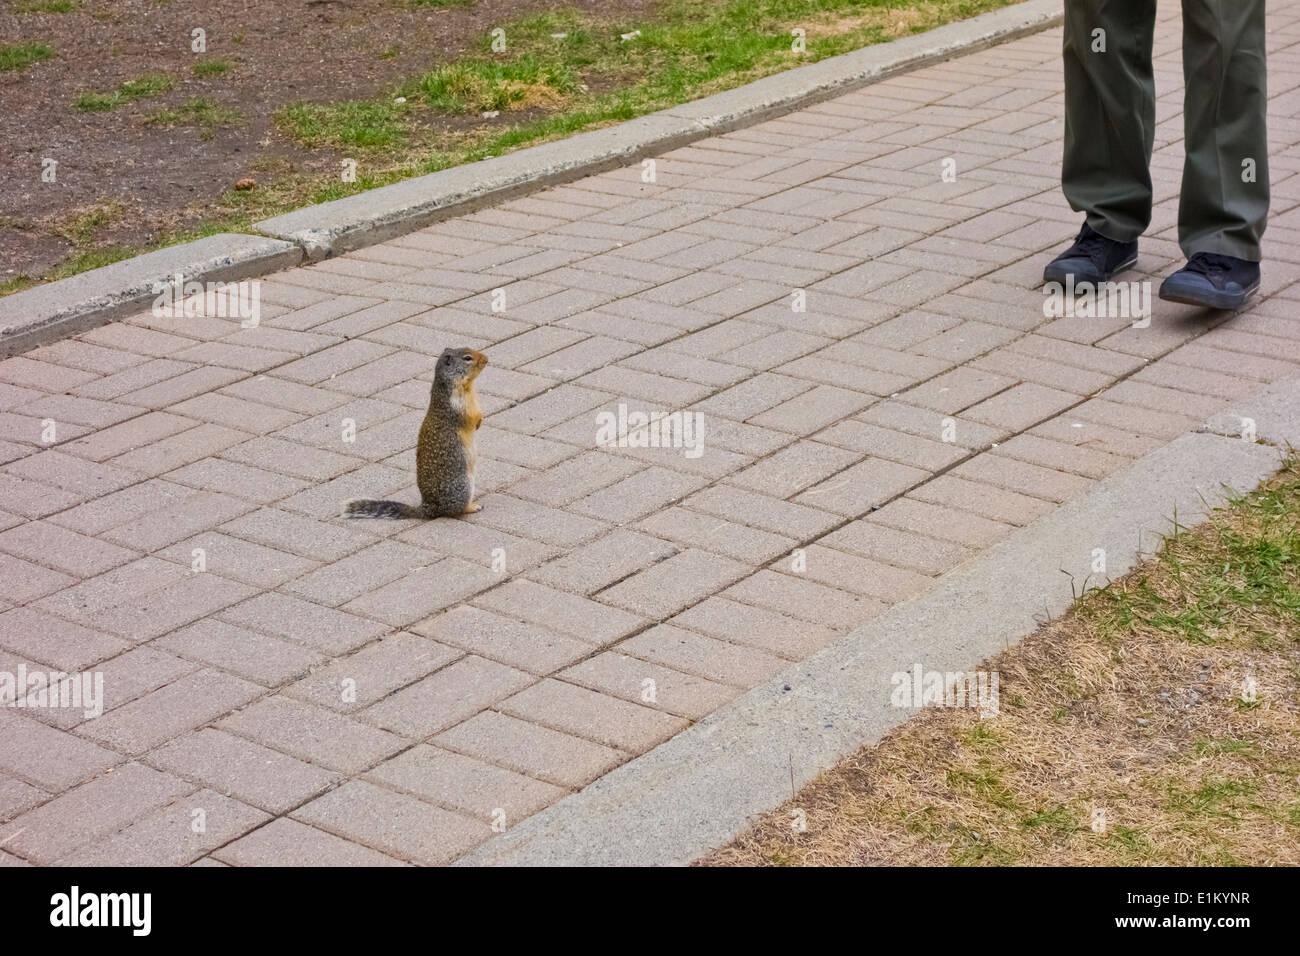 columbian-ground-squirrel-urocitellus-co